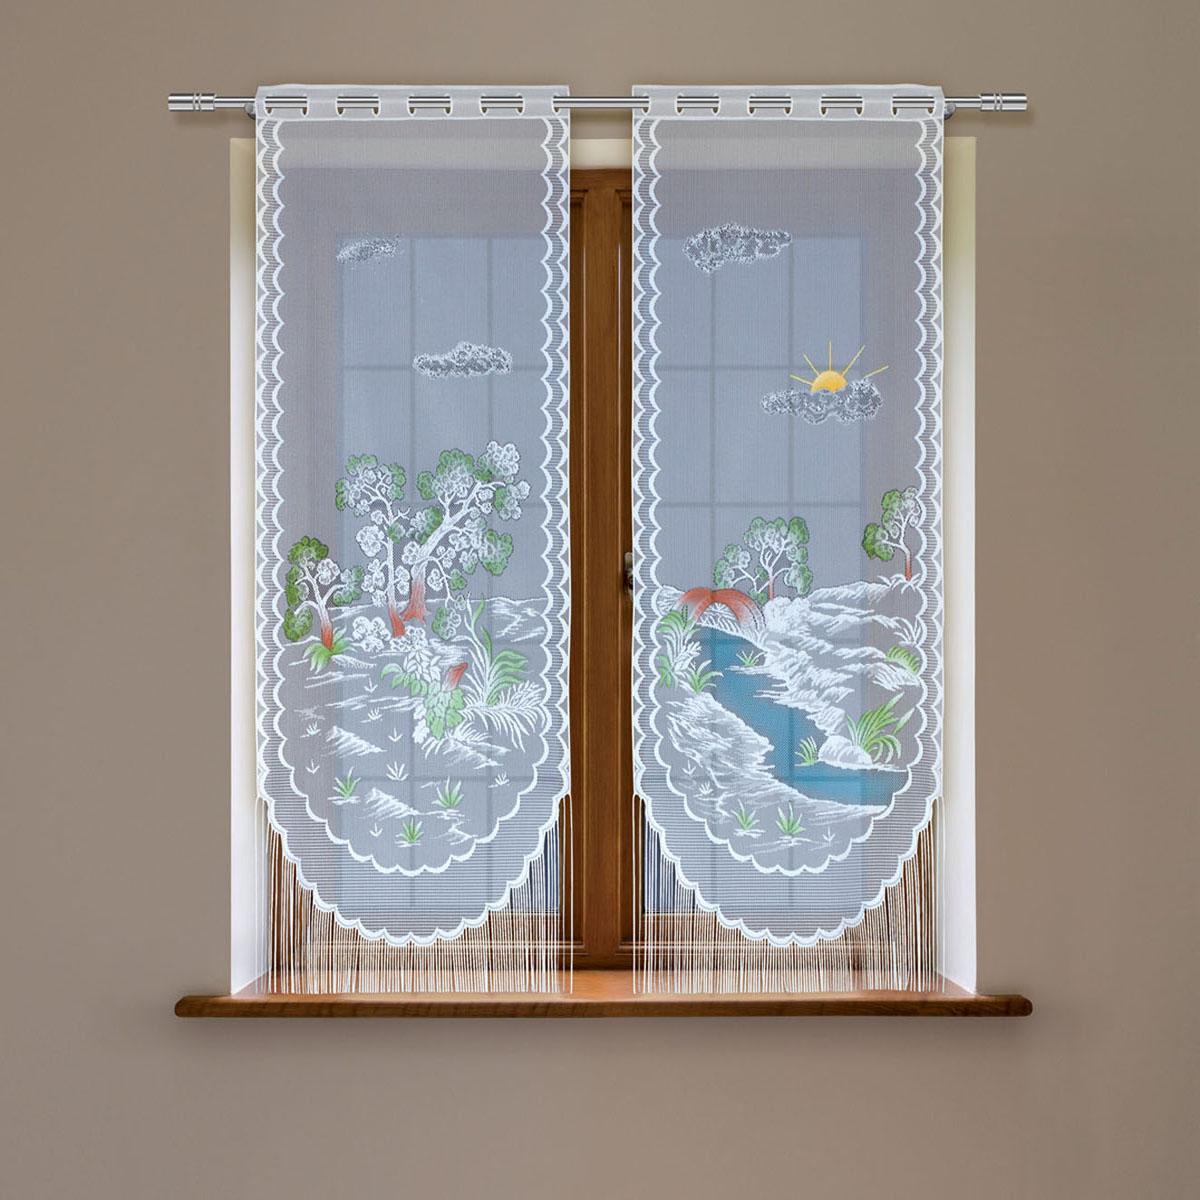 Гардина Haft, цвет: белый, высота 120 см2302D/60Гардина имеет в верхней части полотна прорези, через которые гардина-витраж вывешивается на карниз или можно крепить на зажим для штор,котрый в комплект не входит.Комплект состоит из двух полотен (выс.120* шир.60) Размеры: (высота 120* ширина 60)*2